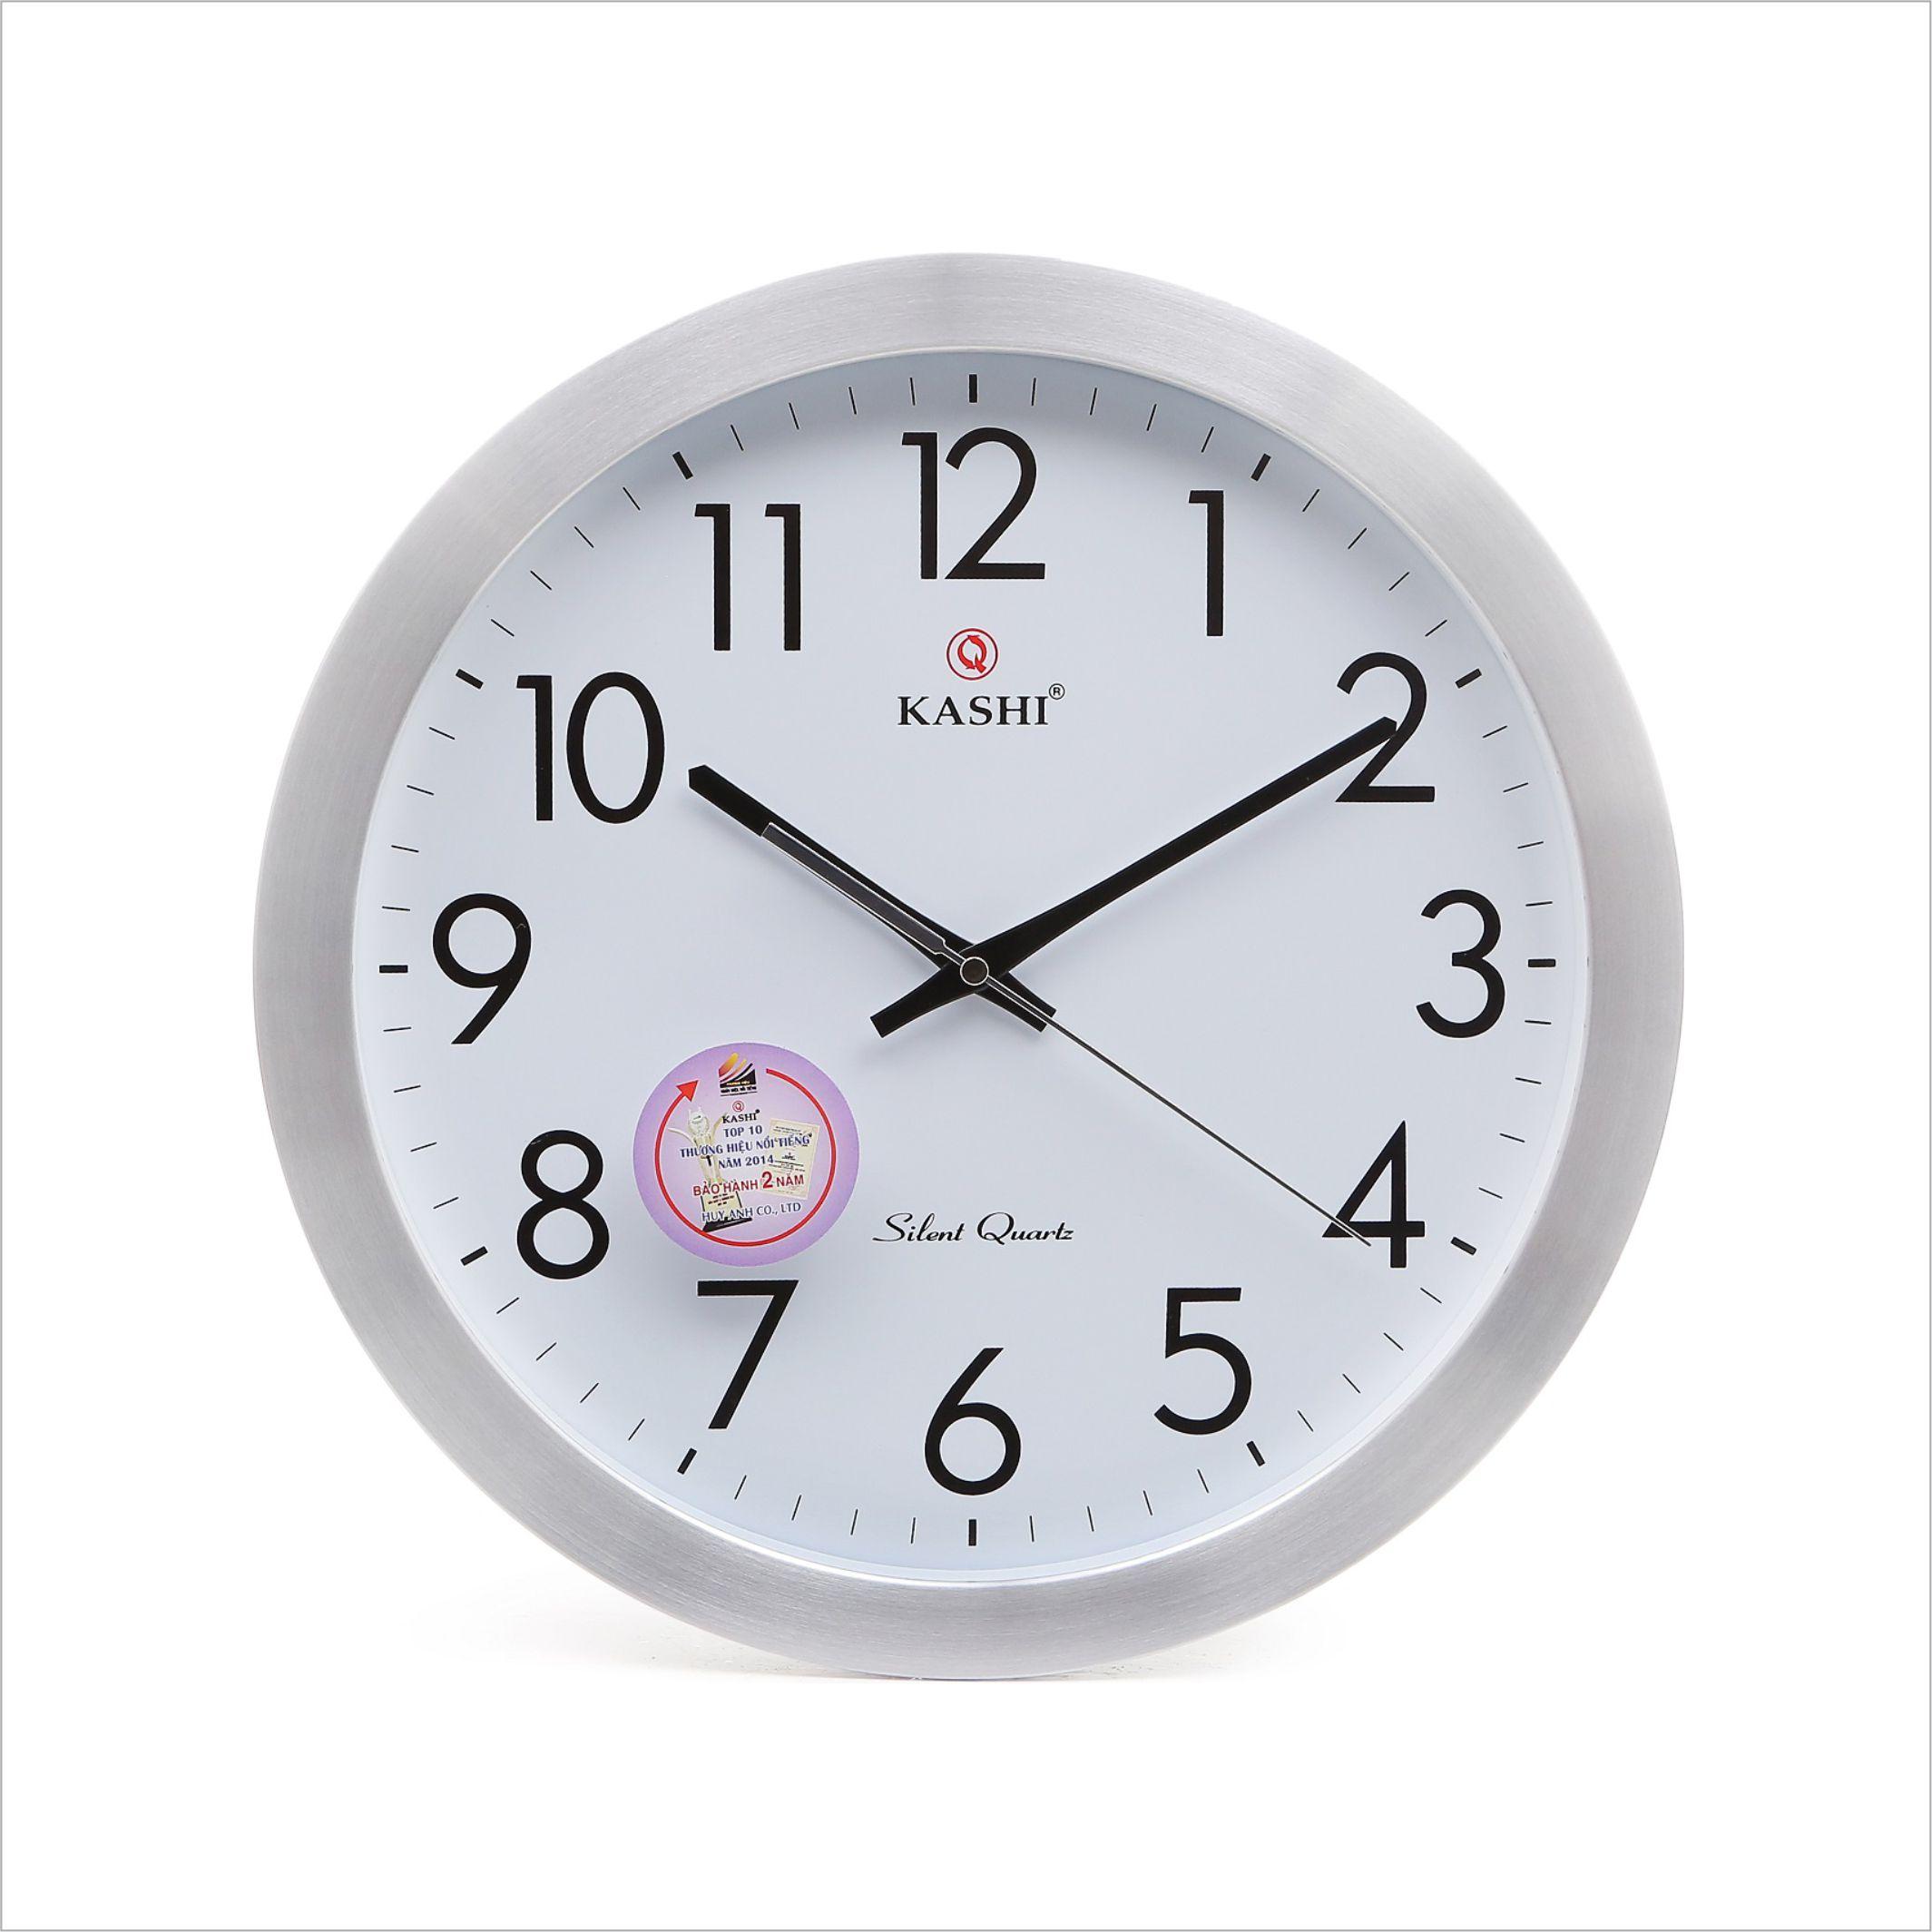 Đồng hồ treo tường vành nhôm DHK707 Kashi 35cm